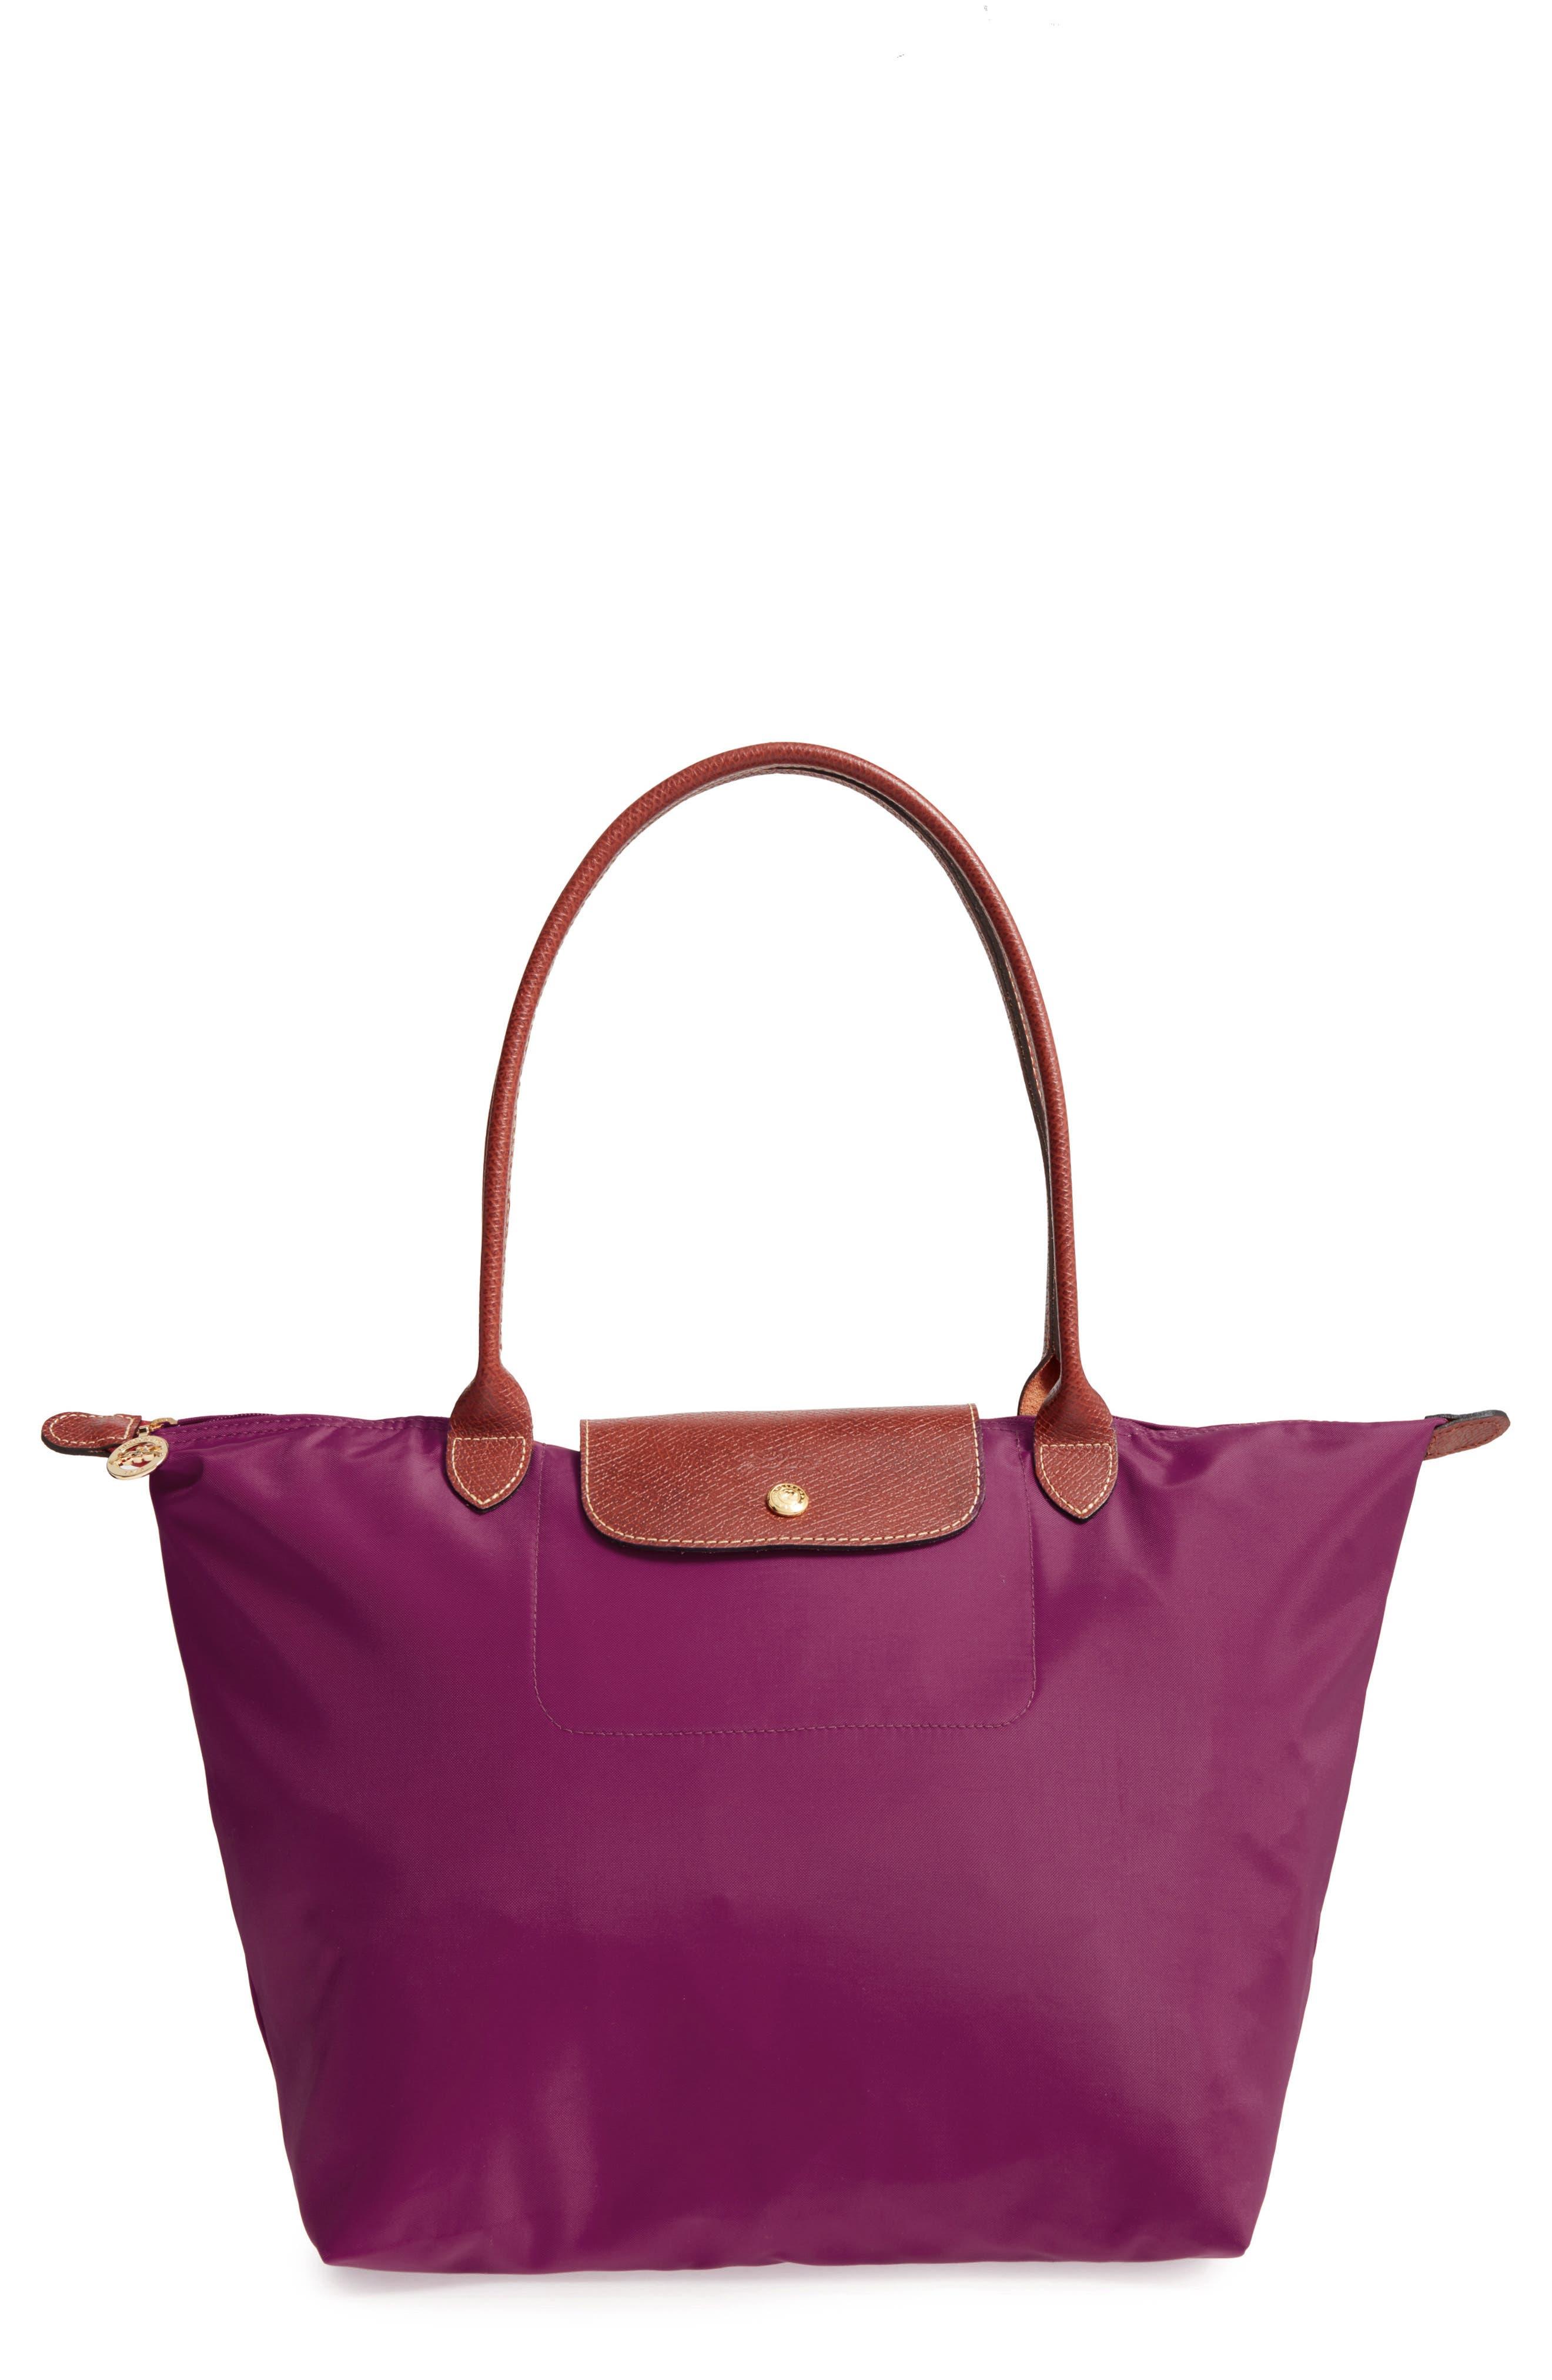 Longchamp \u0027Large Le Pliage\u0027 Tote